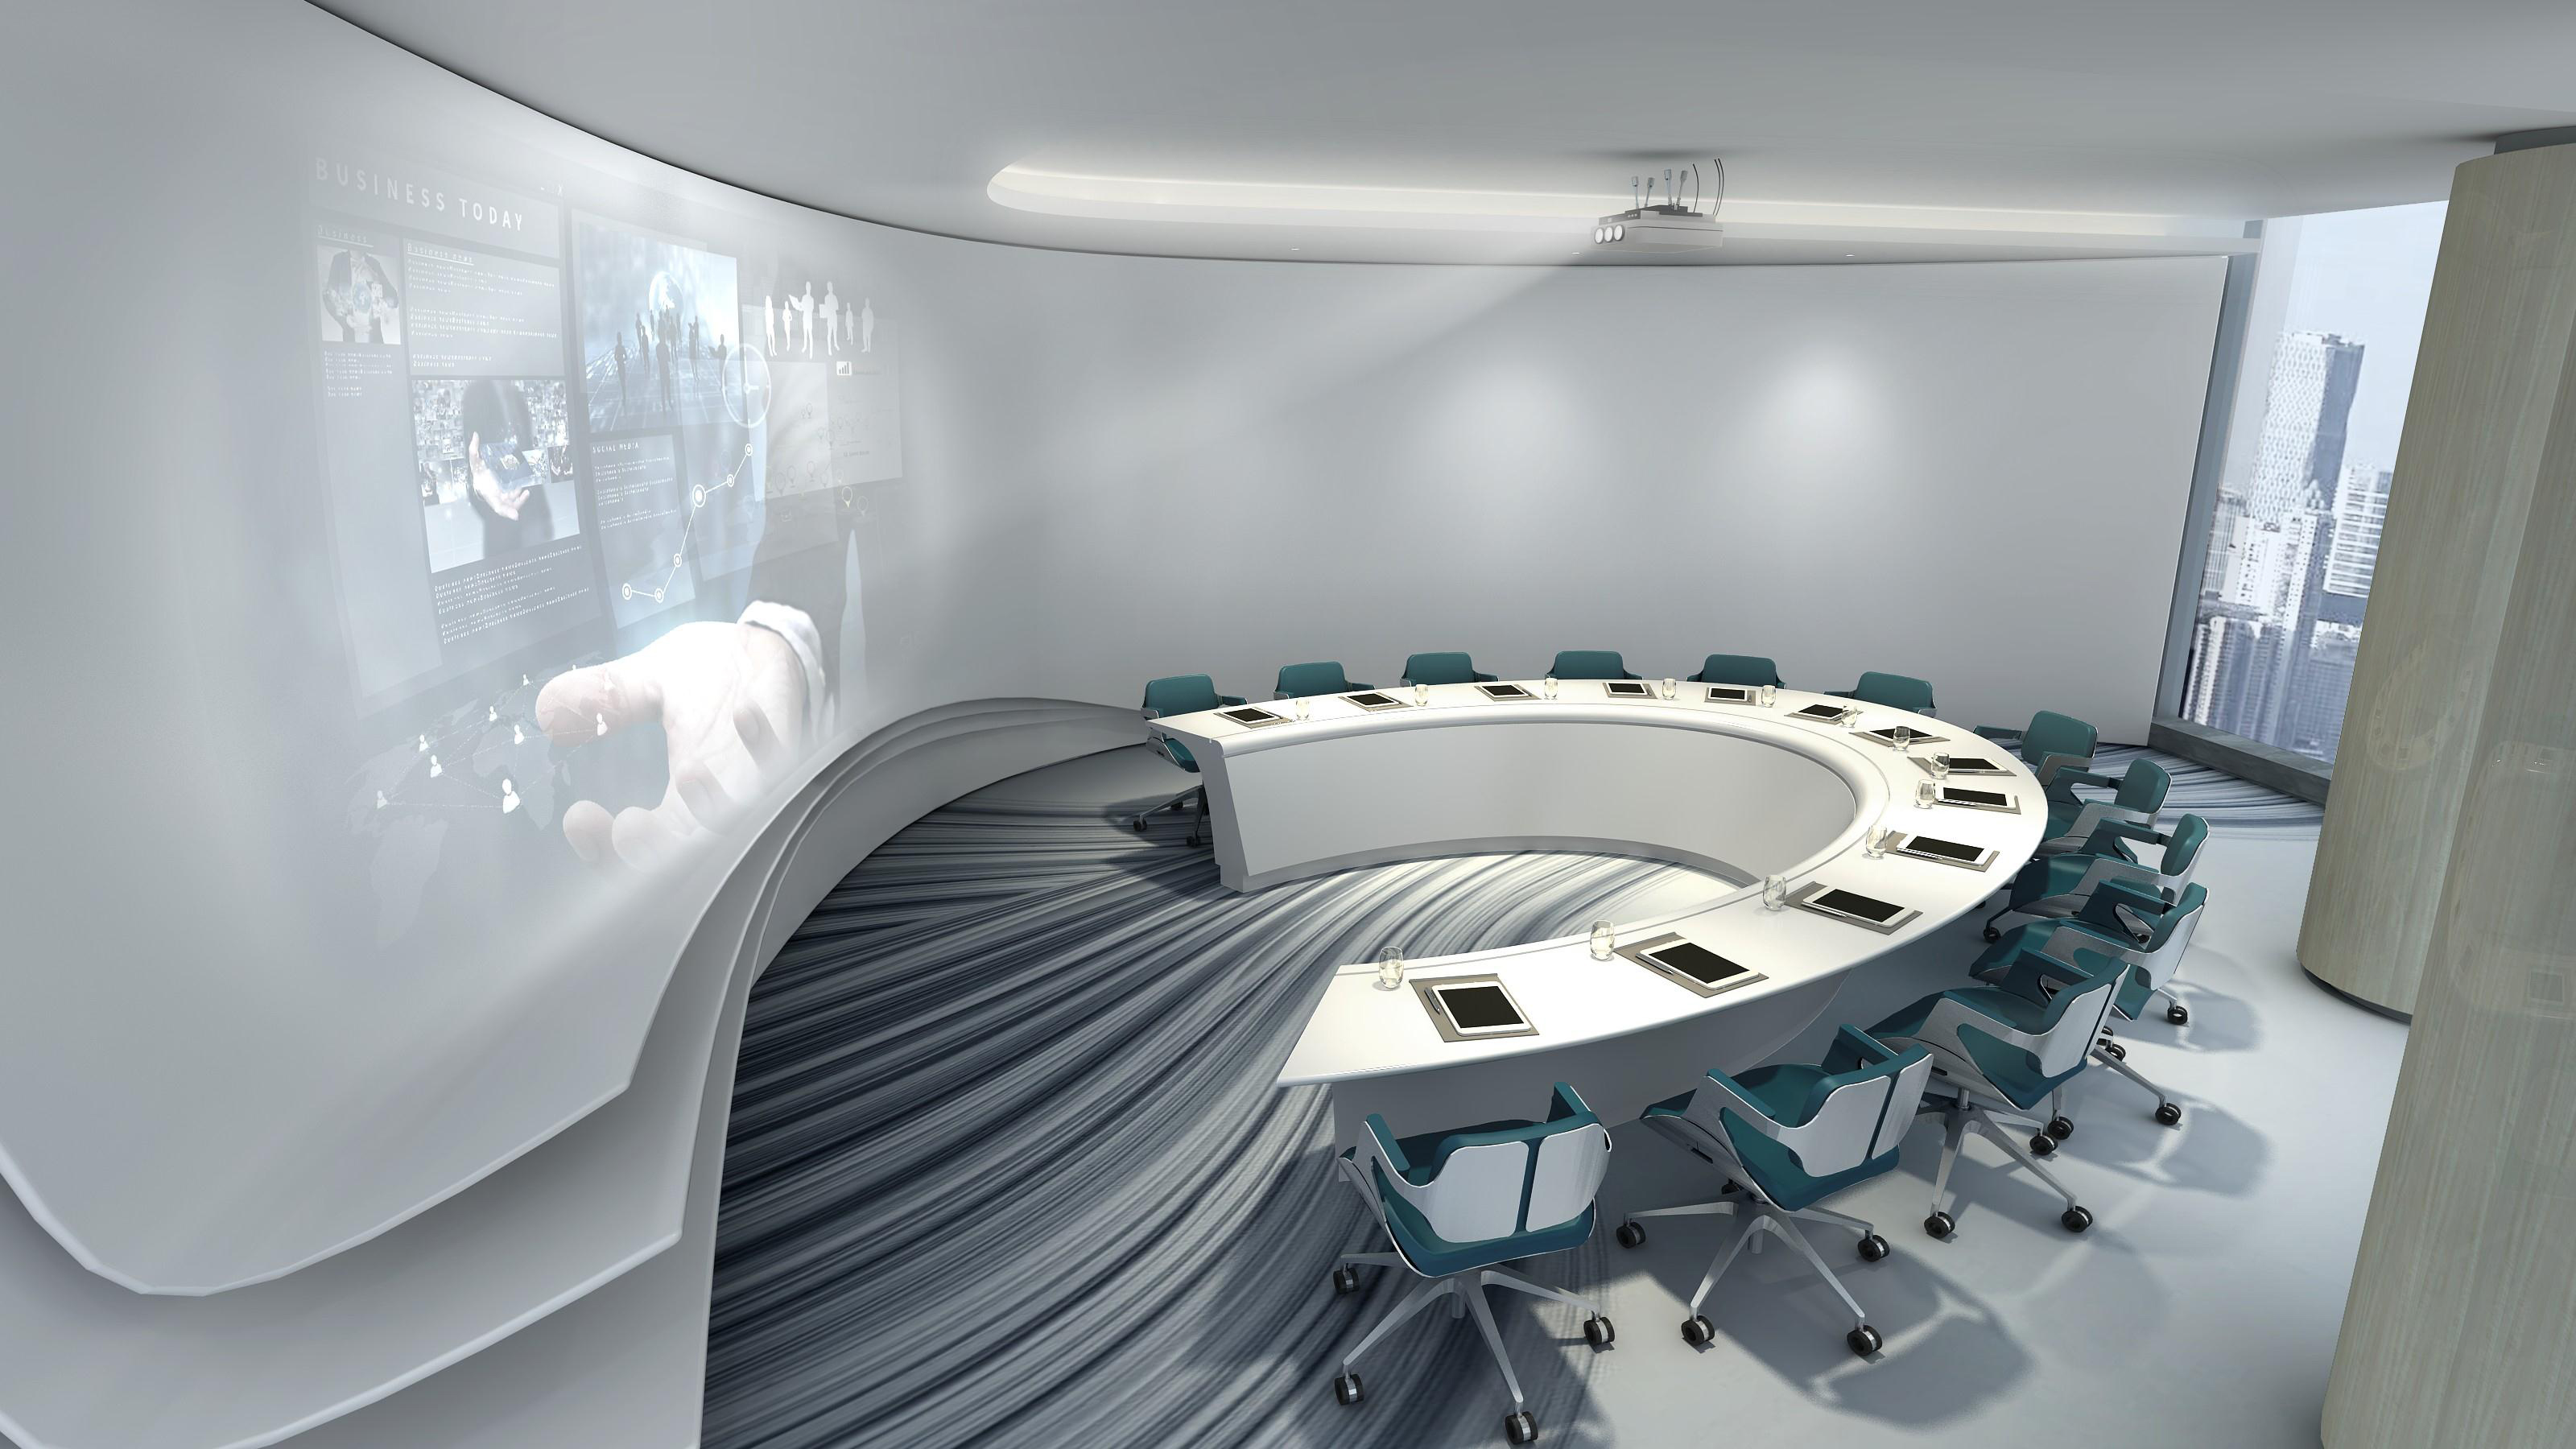 """这样装修办公室已经""""奥""""特了,美的设计大家喜欢,还得量力而行"""